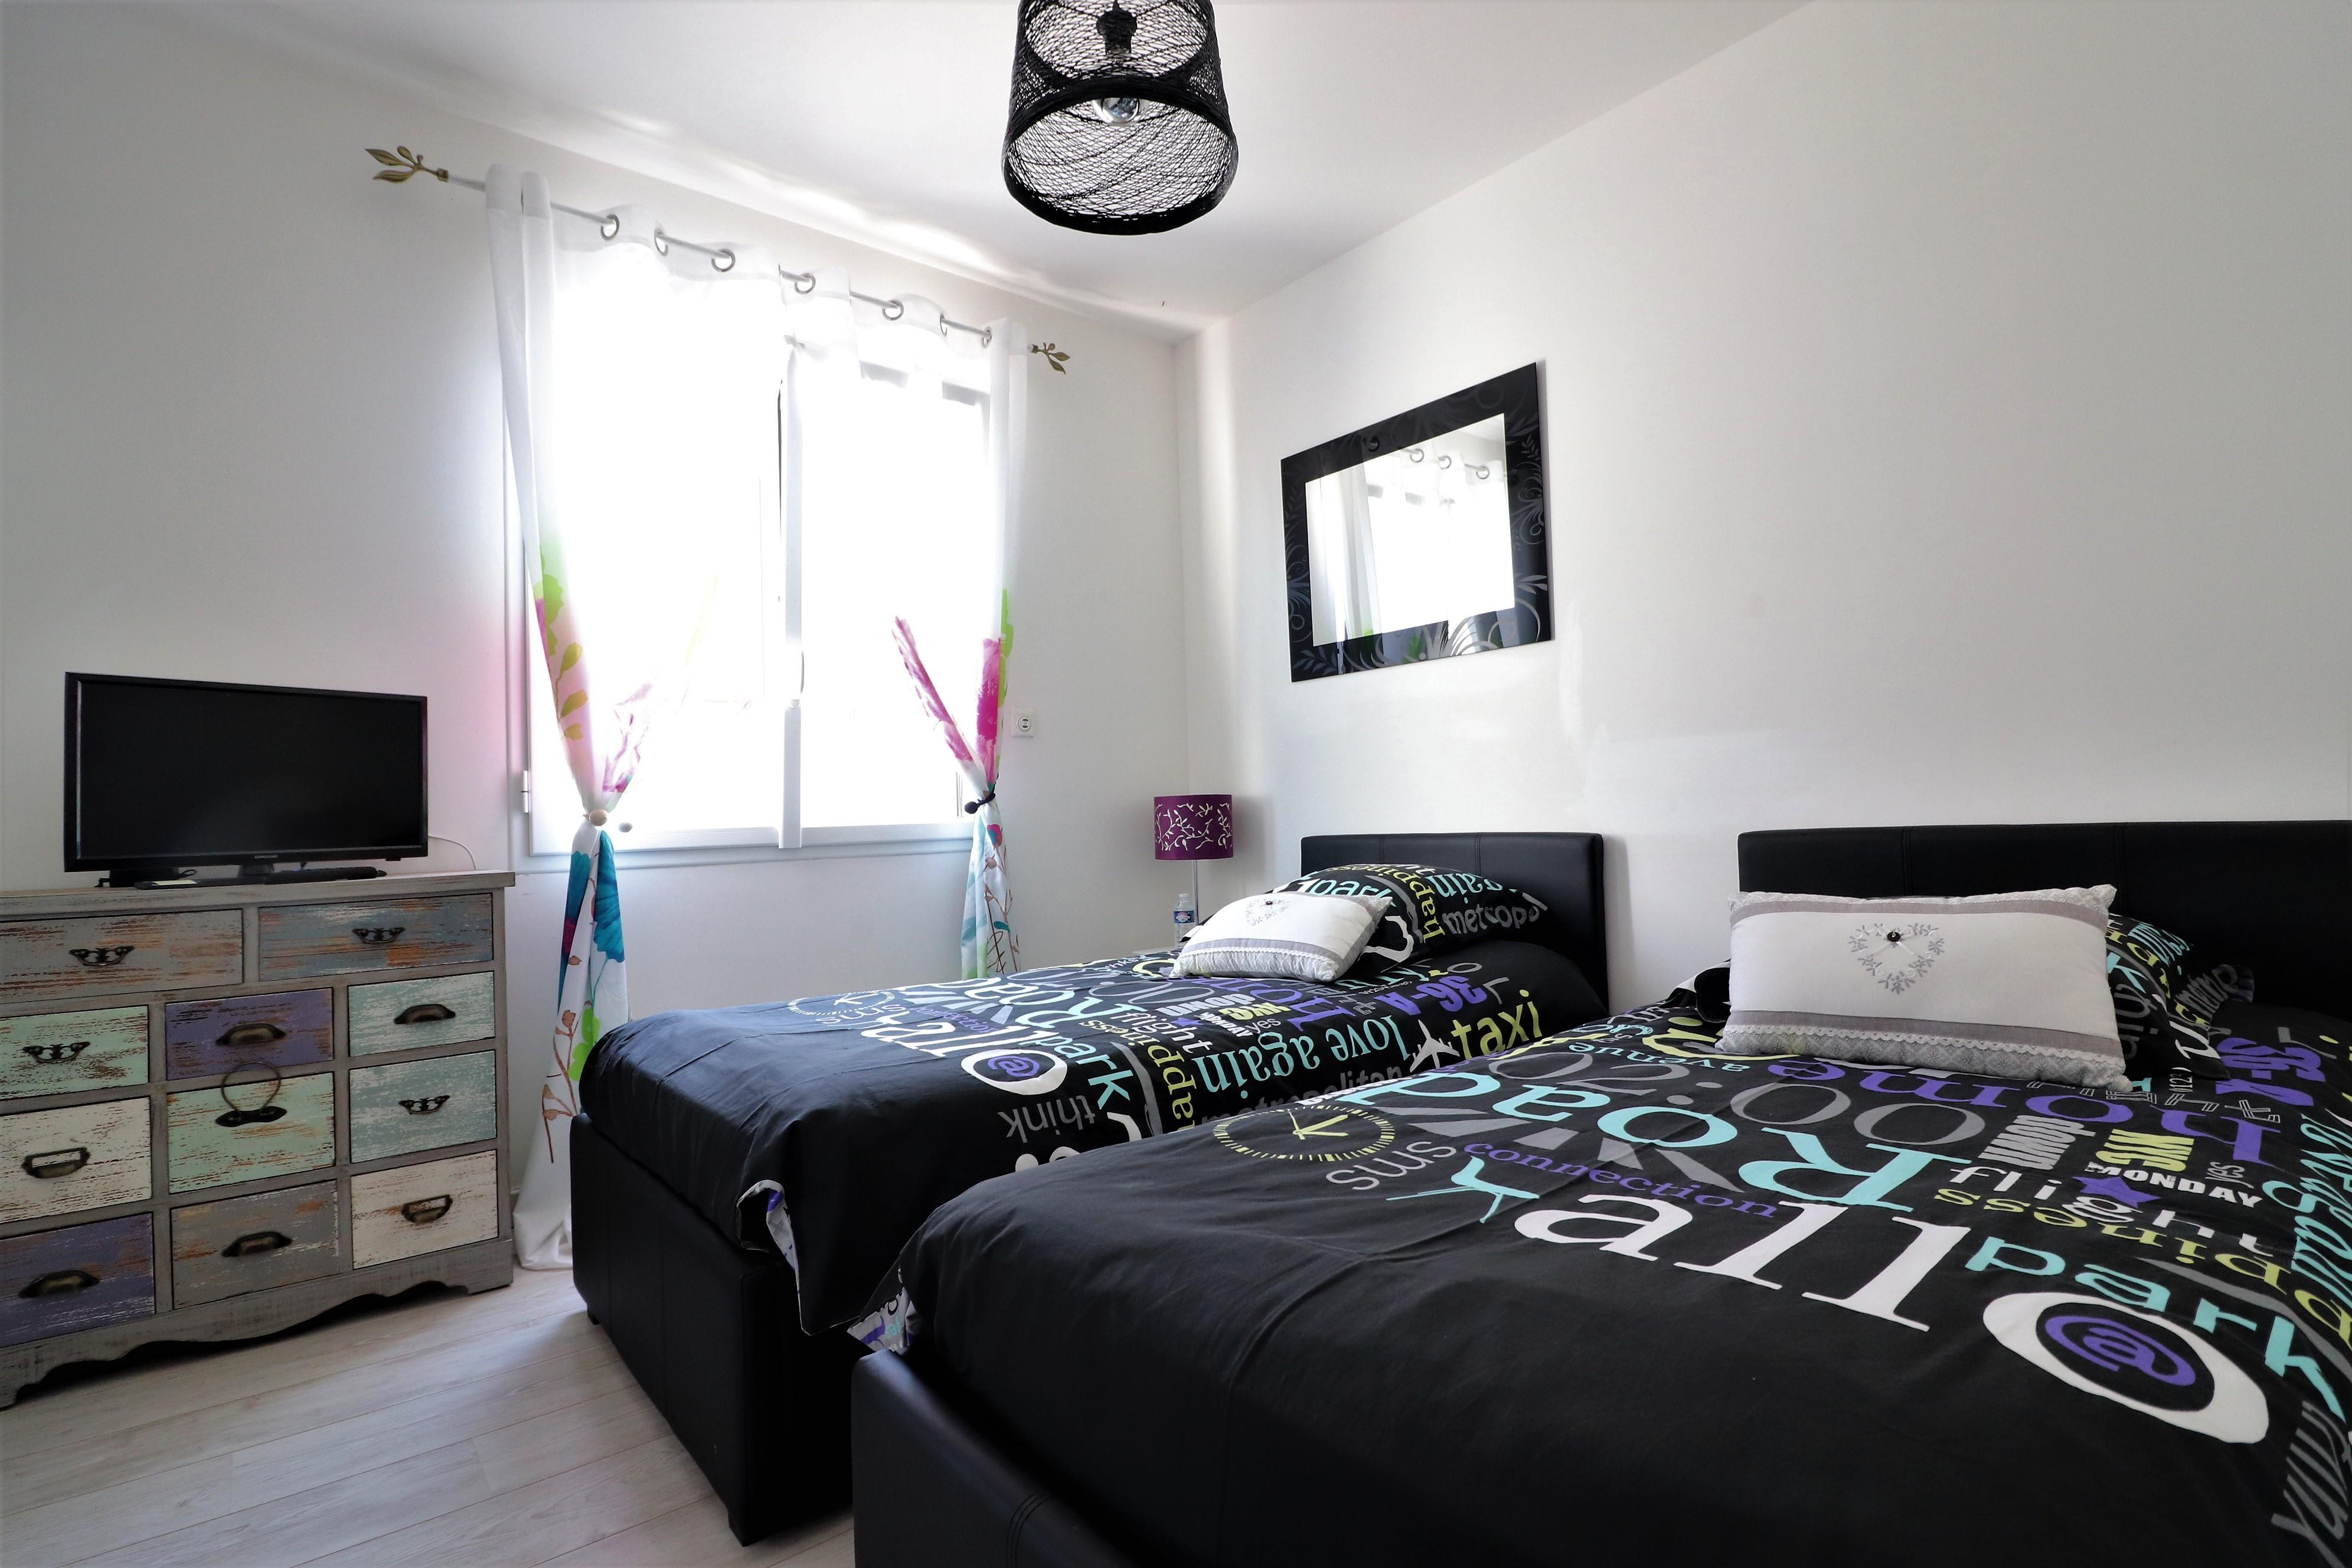 chambre familiale 2 / 2 lits de 90 X 190 pouvant faire un lit de 180 x 190 / 2 chevets ,télévision / dressing .